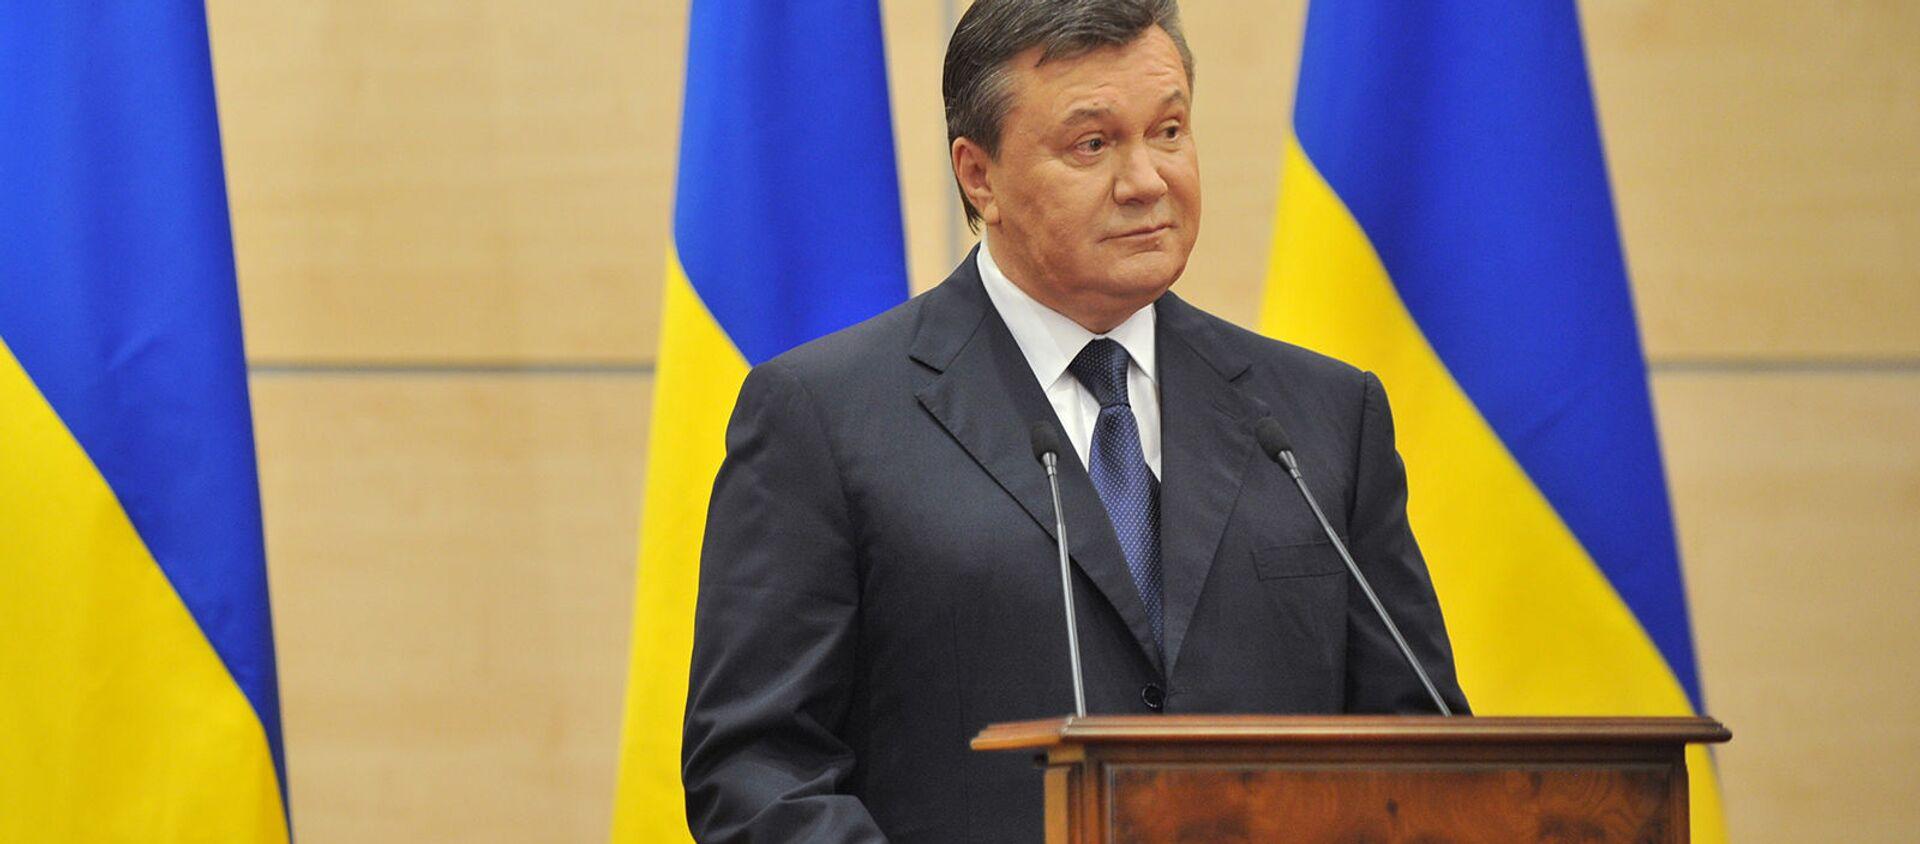 Виктор Янукович, объявивший себя ранее легитимным президентом Украины, выступает на пресс-конференции (11 марта 2014). Ростов-на-Дону - Sputnik Արմենիա, 1920, 17.08.2021